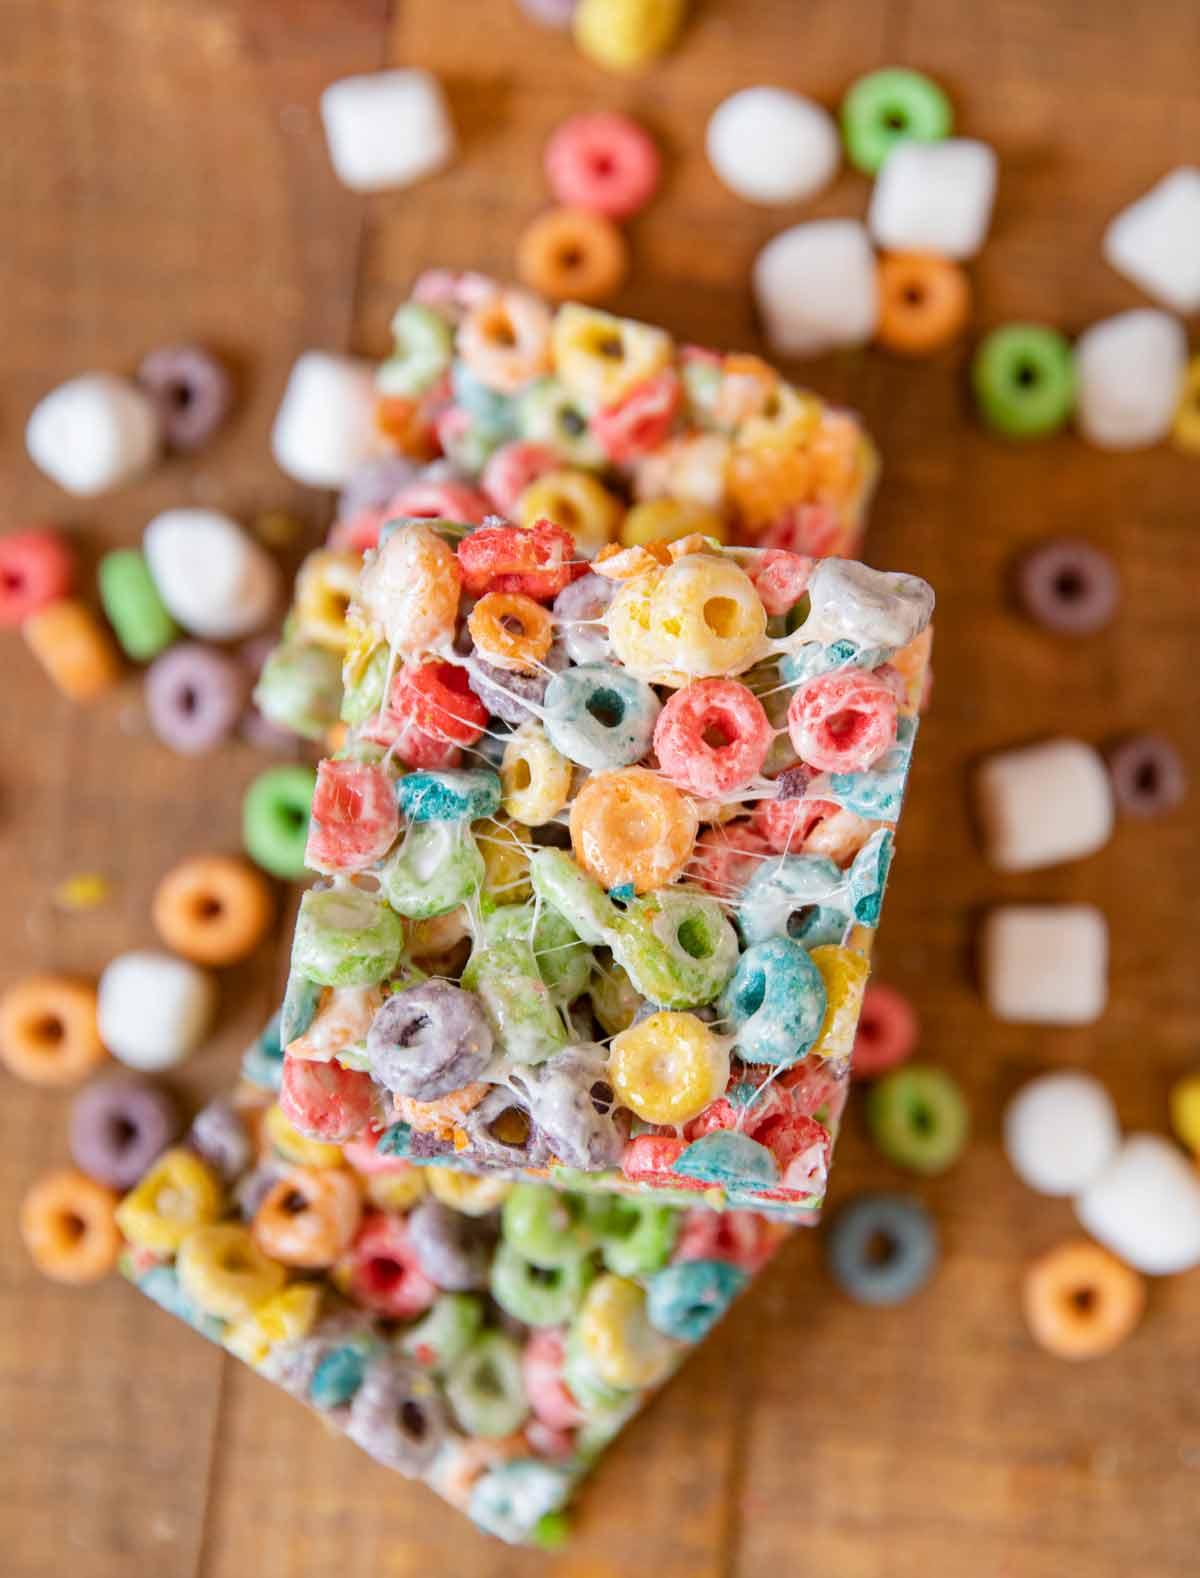 Top down of slice of Fruit Loop Cereal Bar